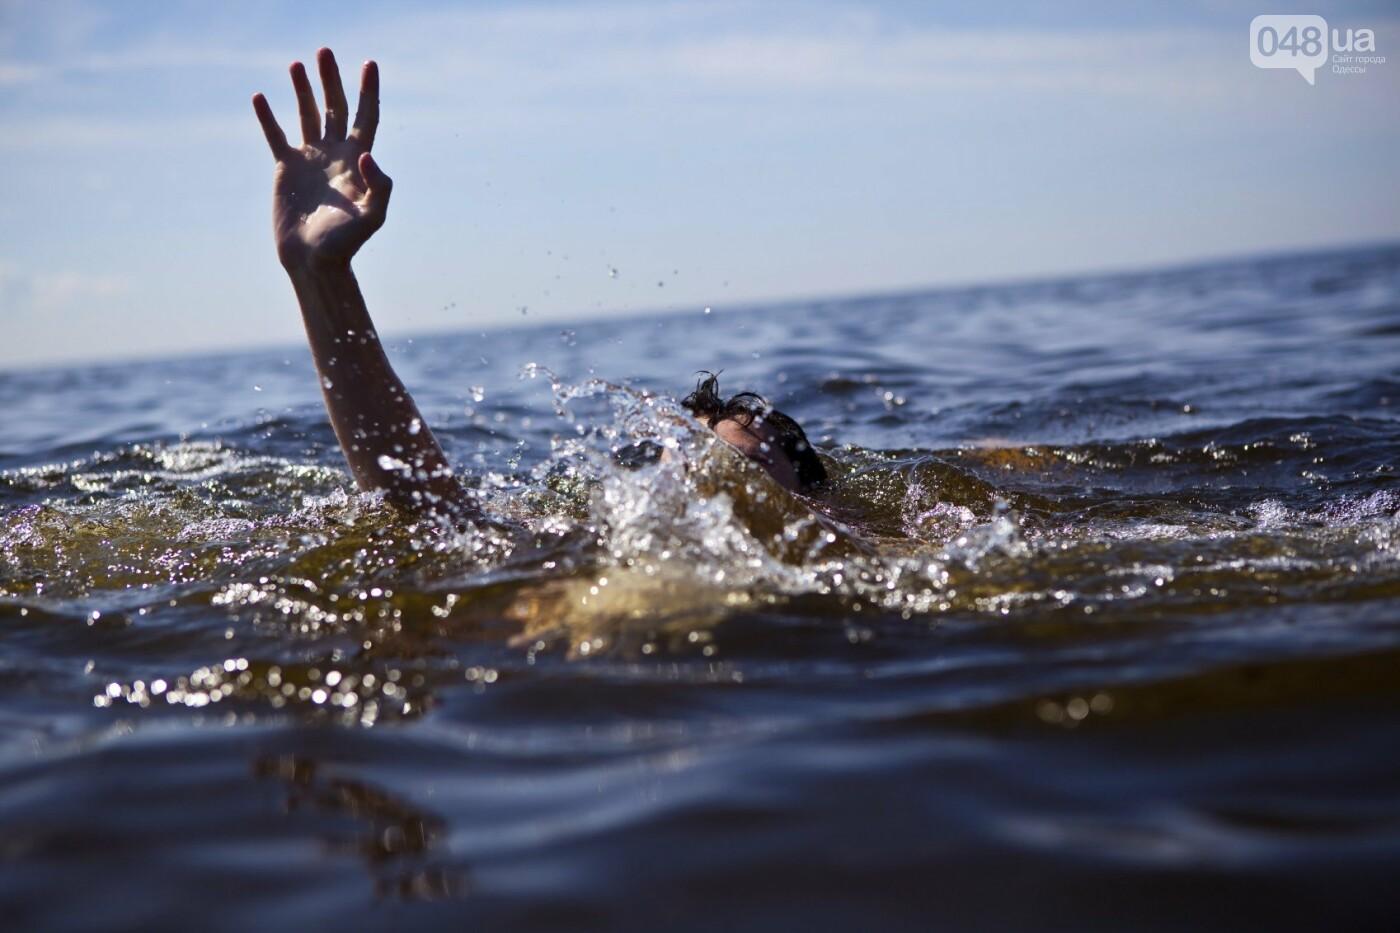 В Одесской области из-за сердечного приступа утонула молодая женщина, фото-1